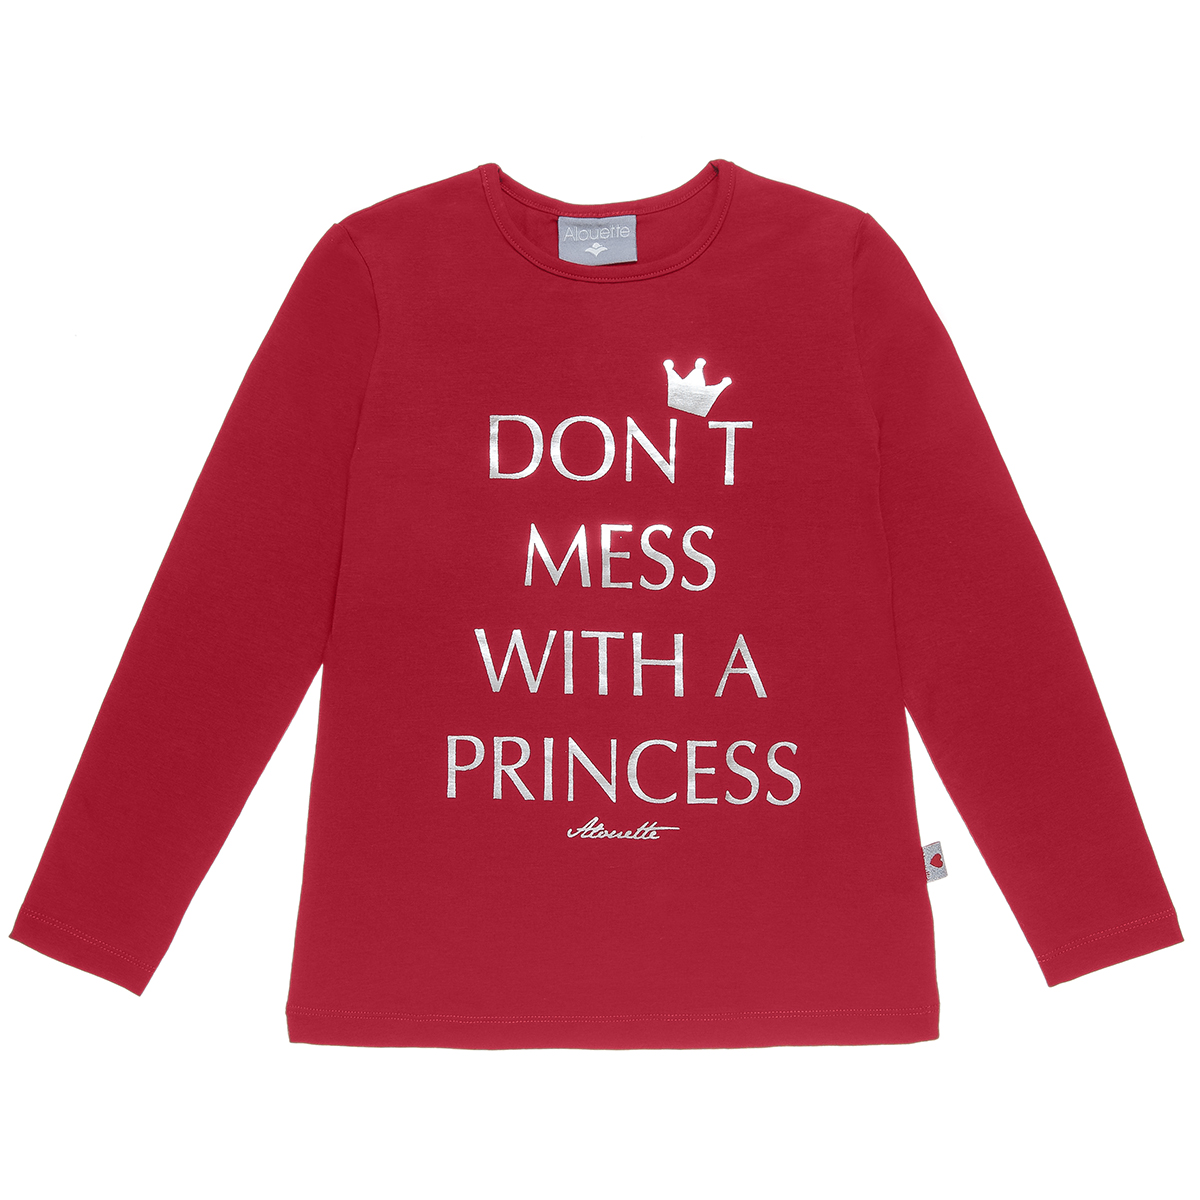 Μπλούζα με μεταλλιζέ lettering τύπωμα (Κορίτσι 6-16 ετών) 00922338 - Κόκκινο - 3730-0166/3/19/115